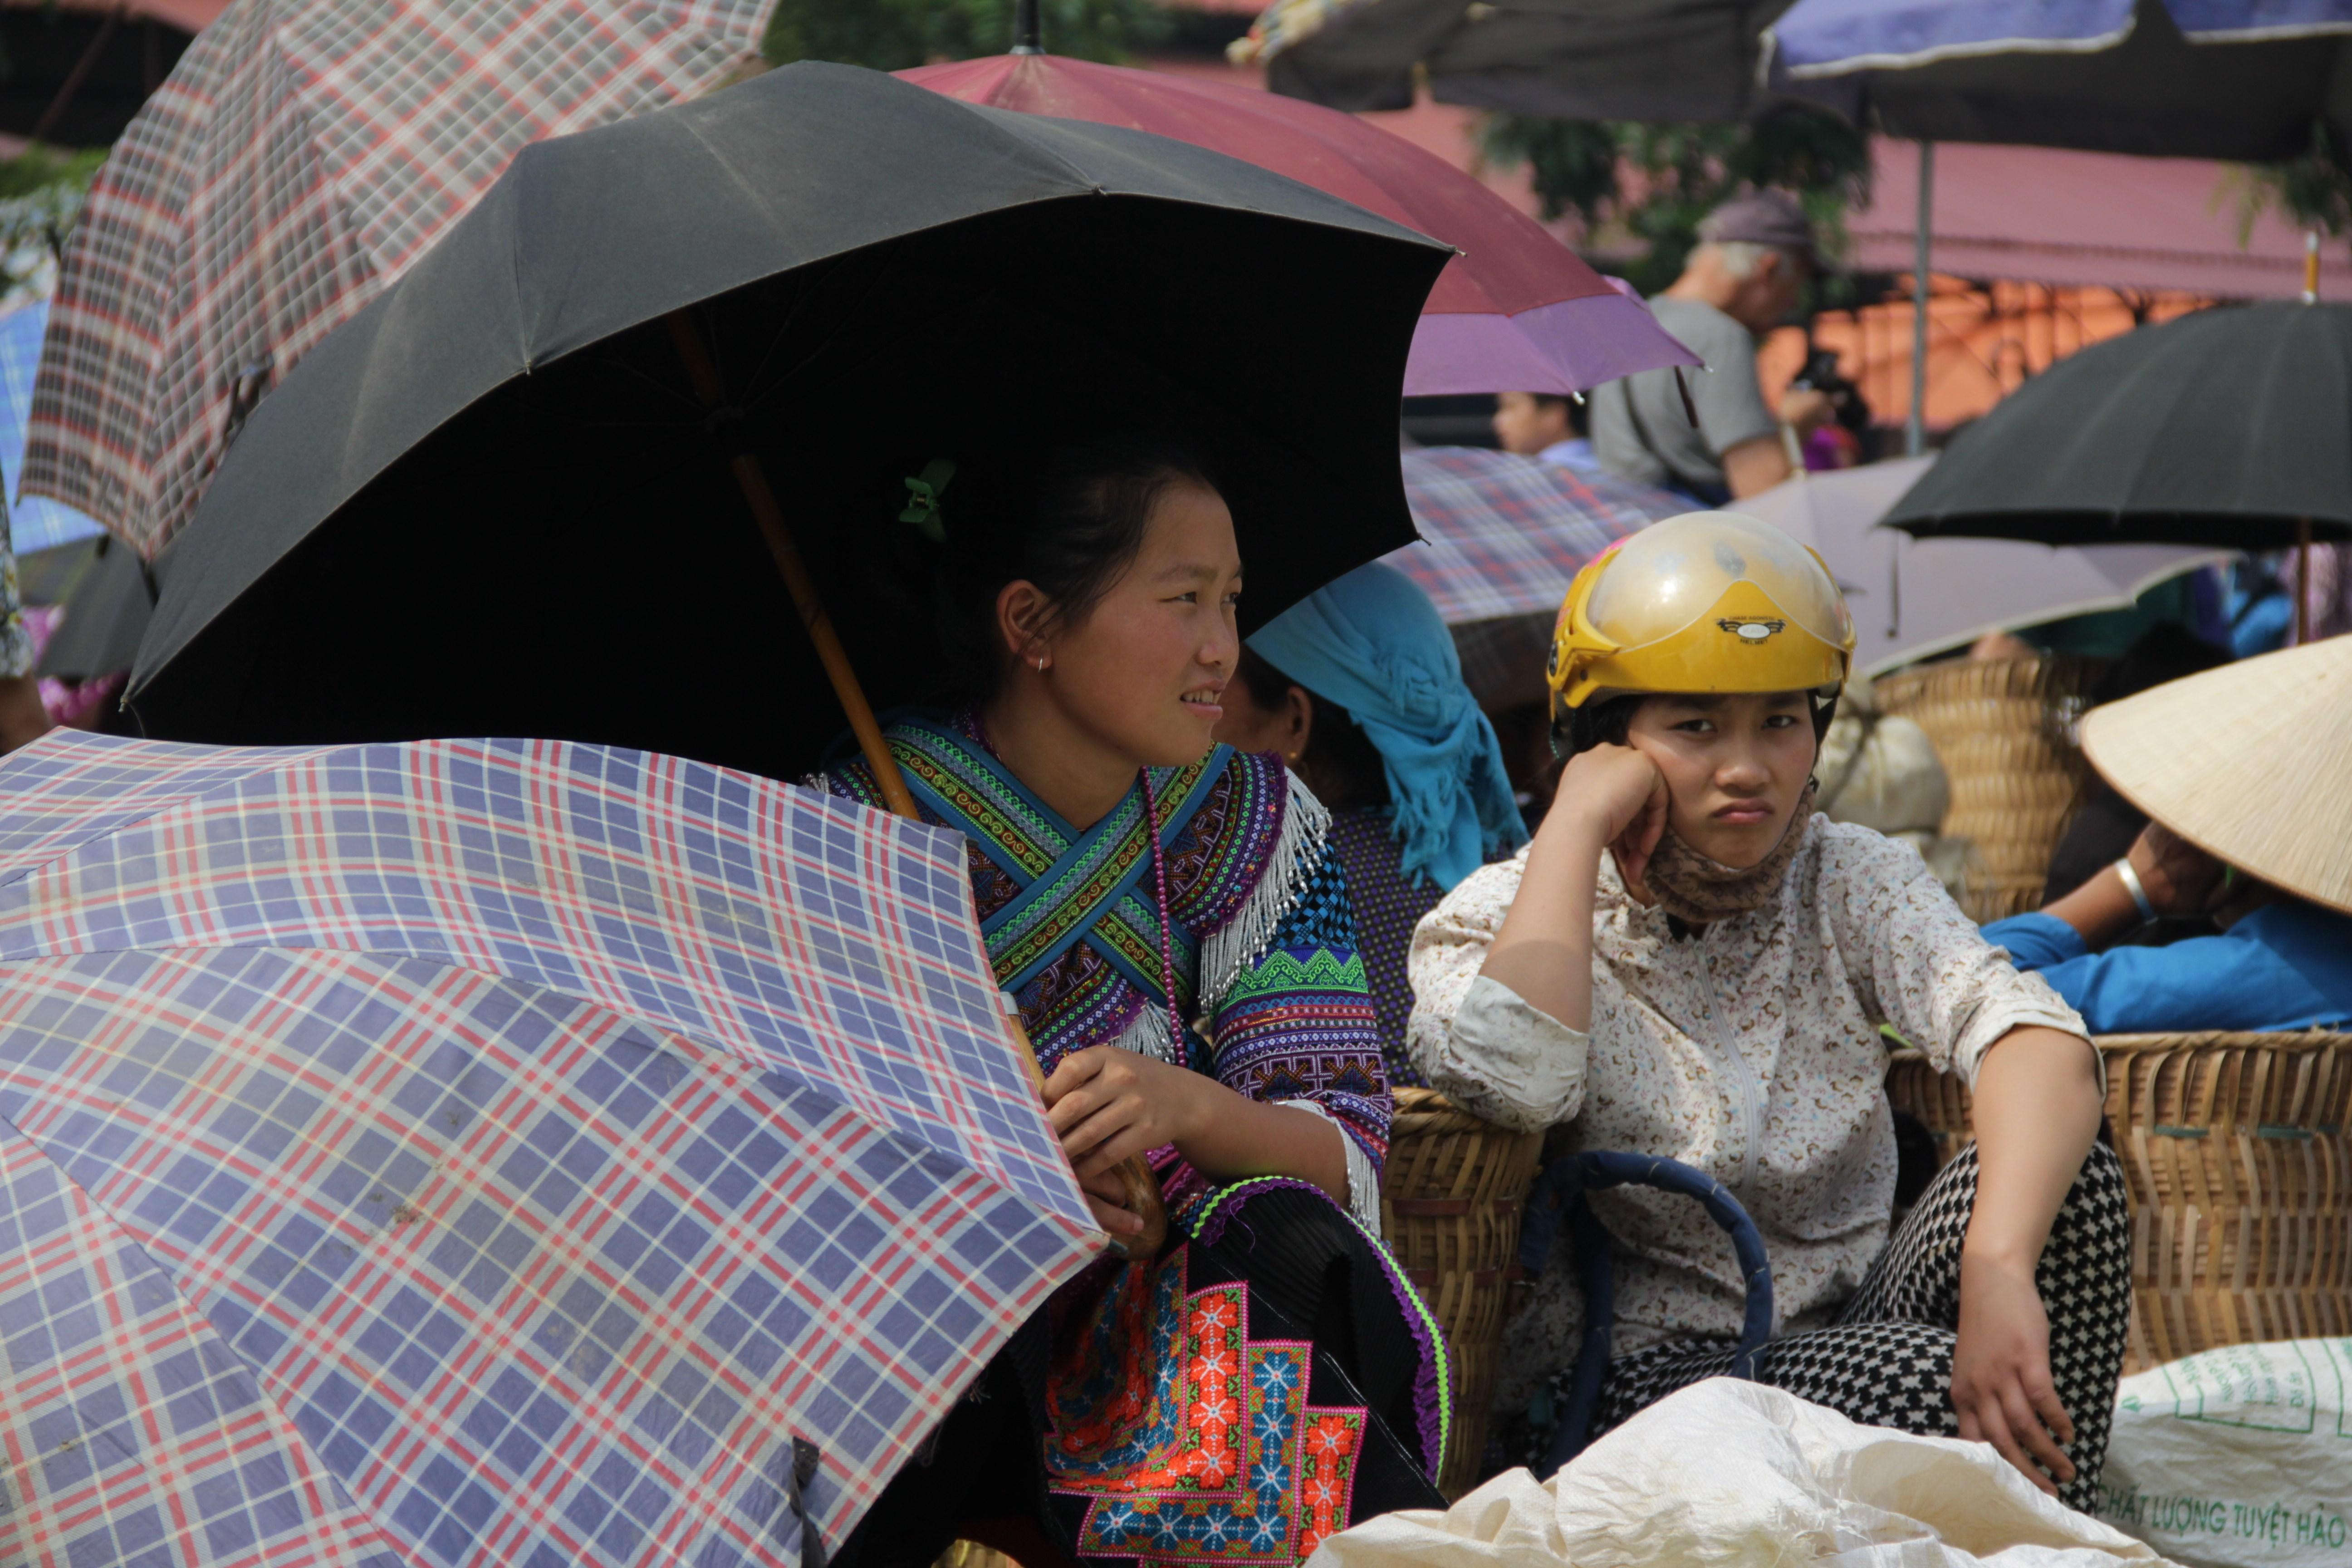 Dès 9 h 30 les parapluies sont de sortie pour se protéger du soleil (© Aurélie Bacheley).